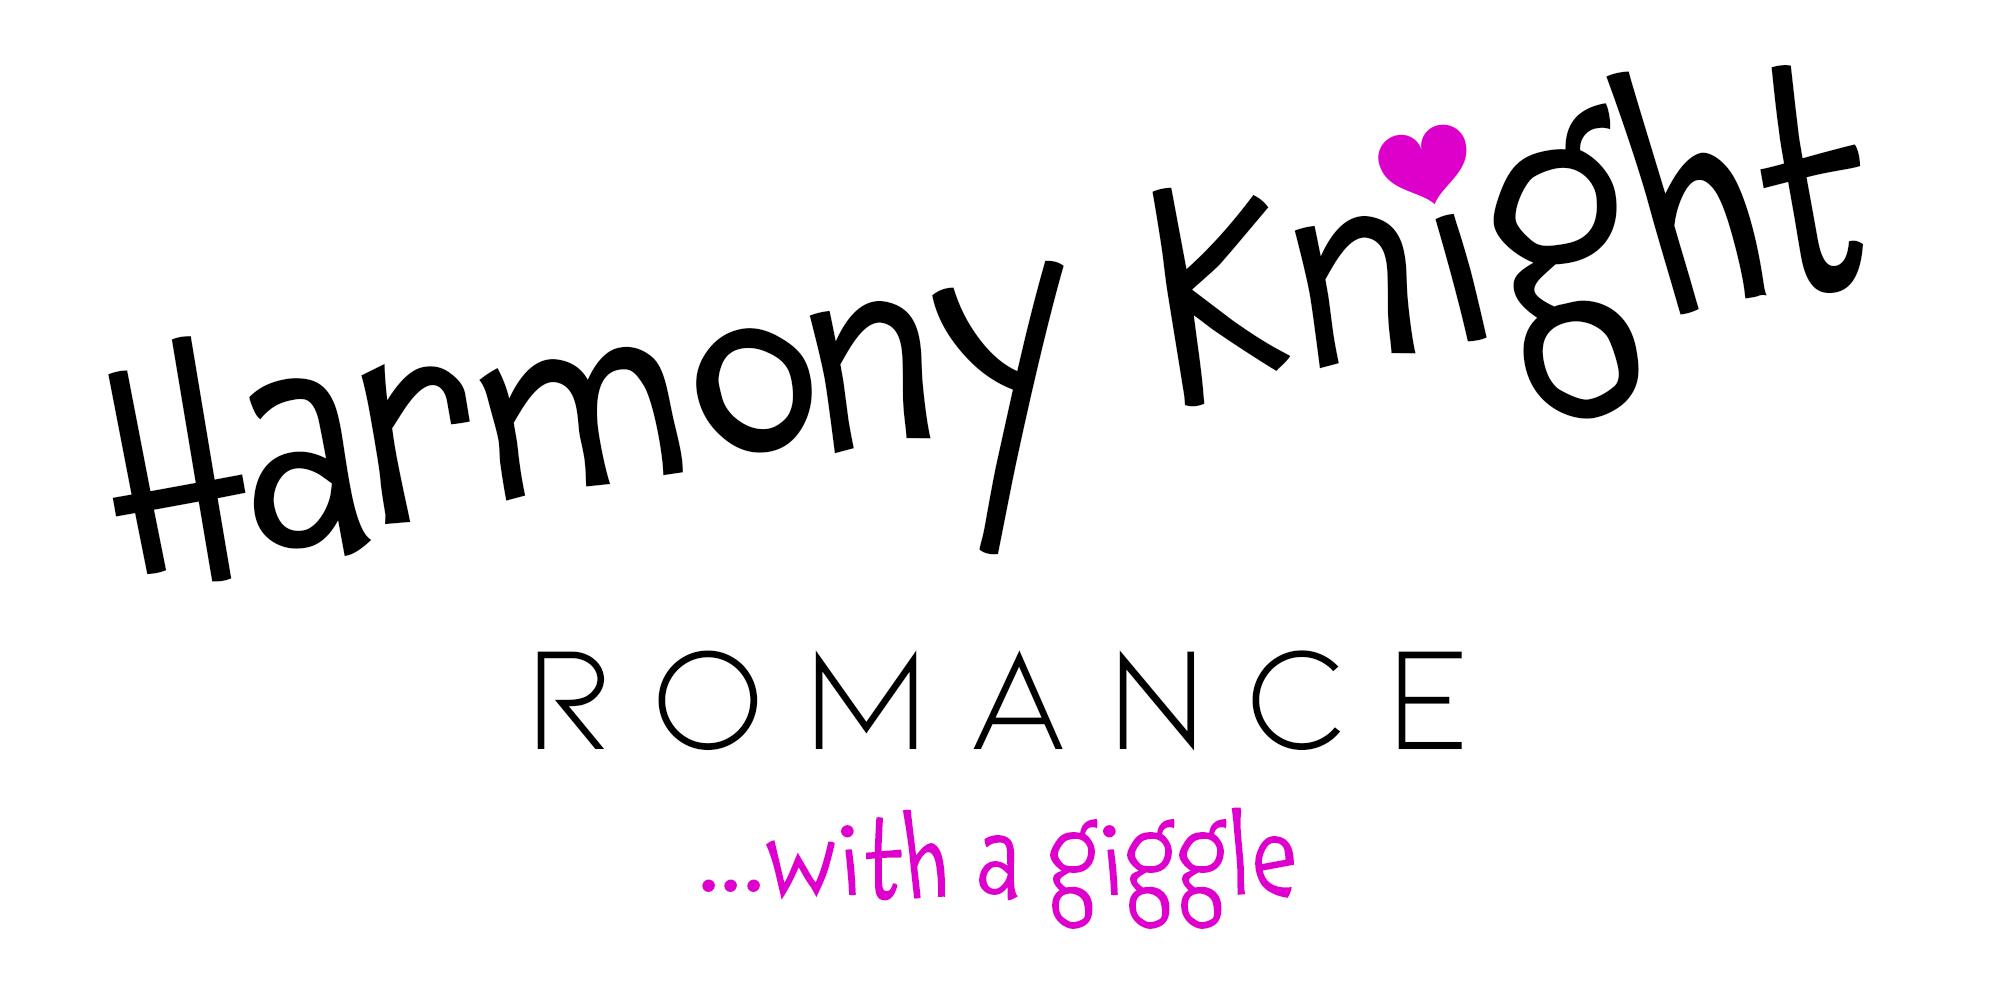 Harmony Knight